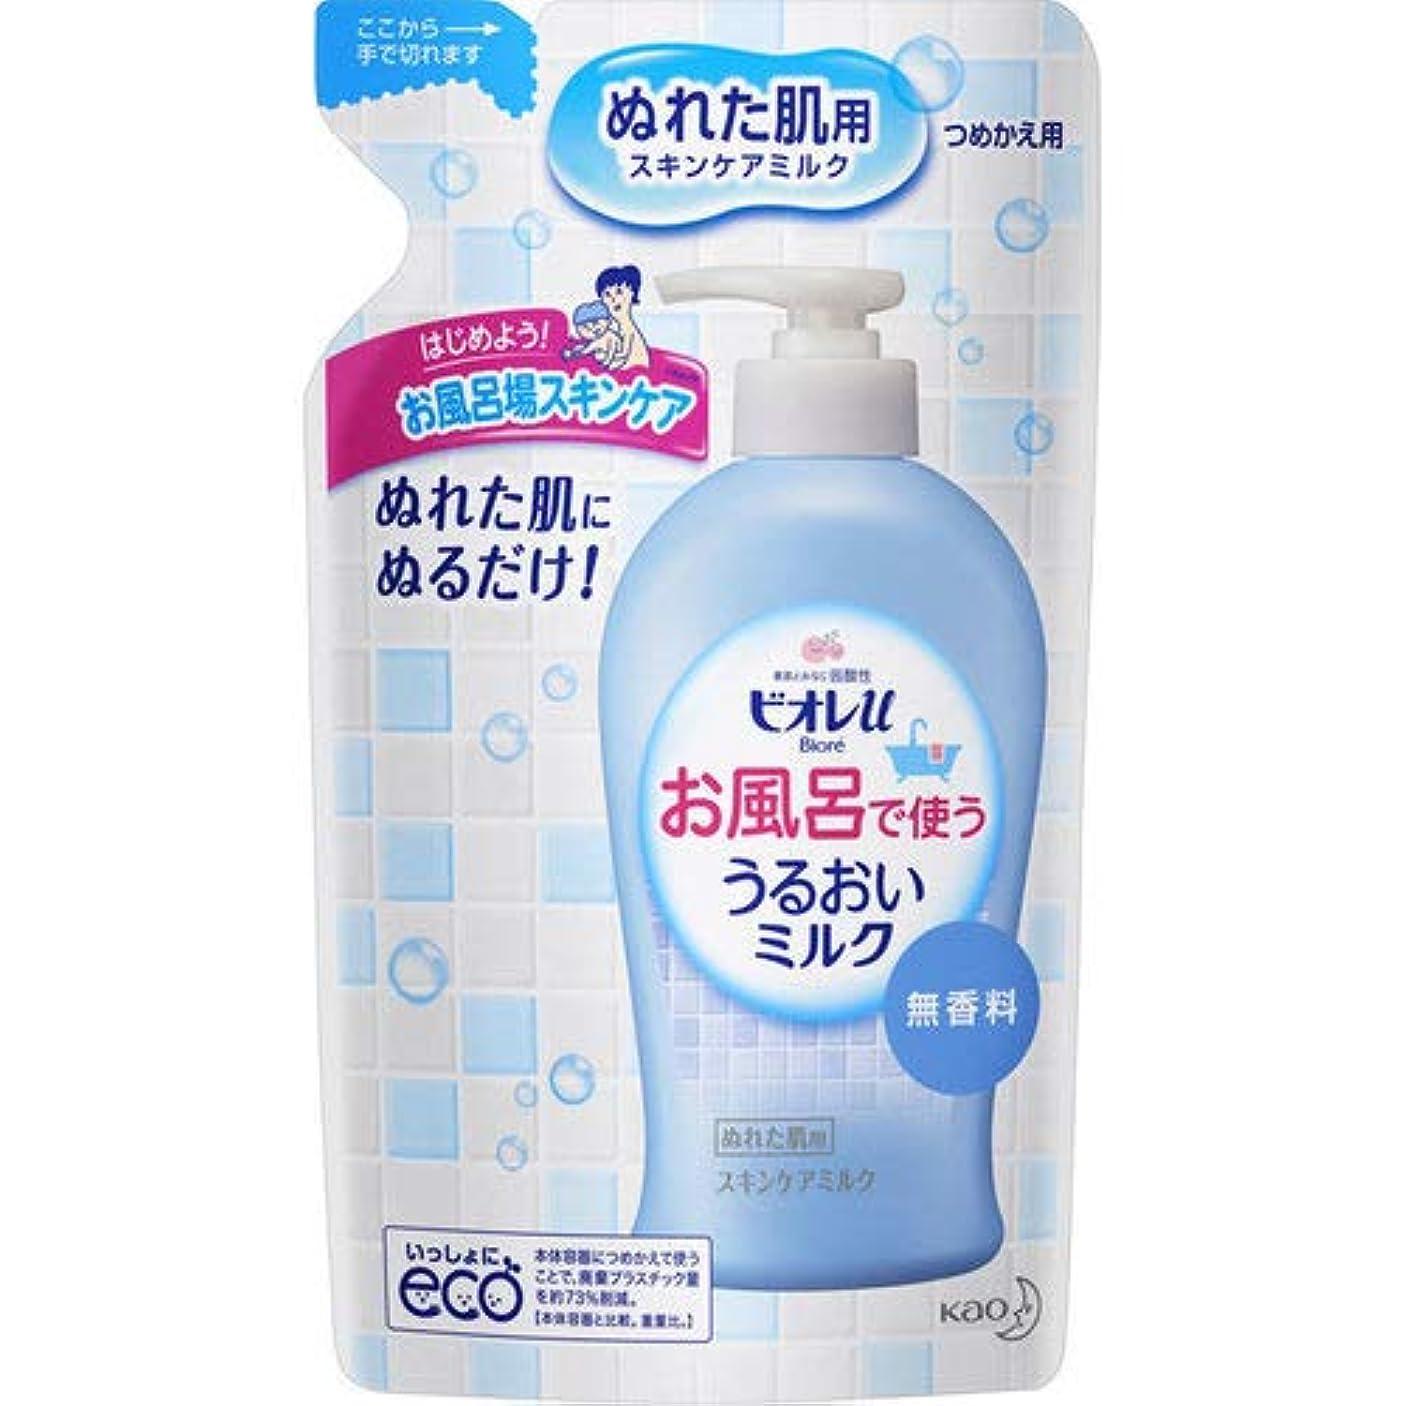 もっと少なくイチゴ接触ビオレu お風呂で使ううるおいミルク 無香料 つめかえ用 250mL